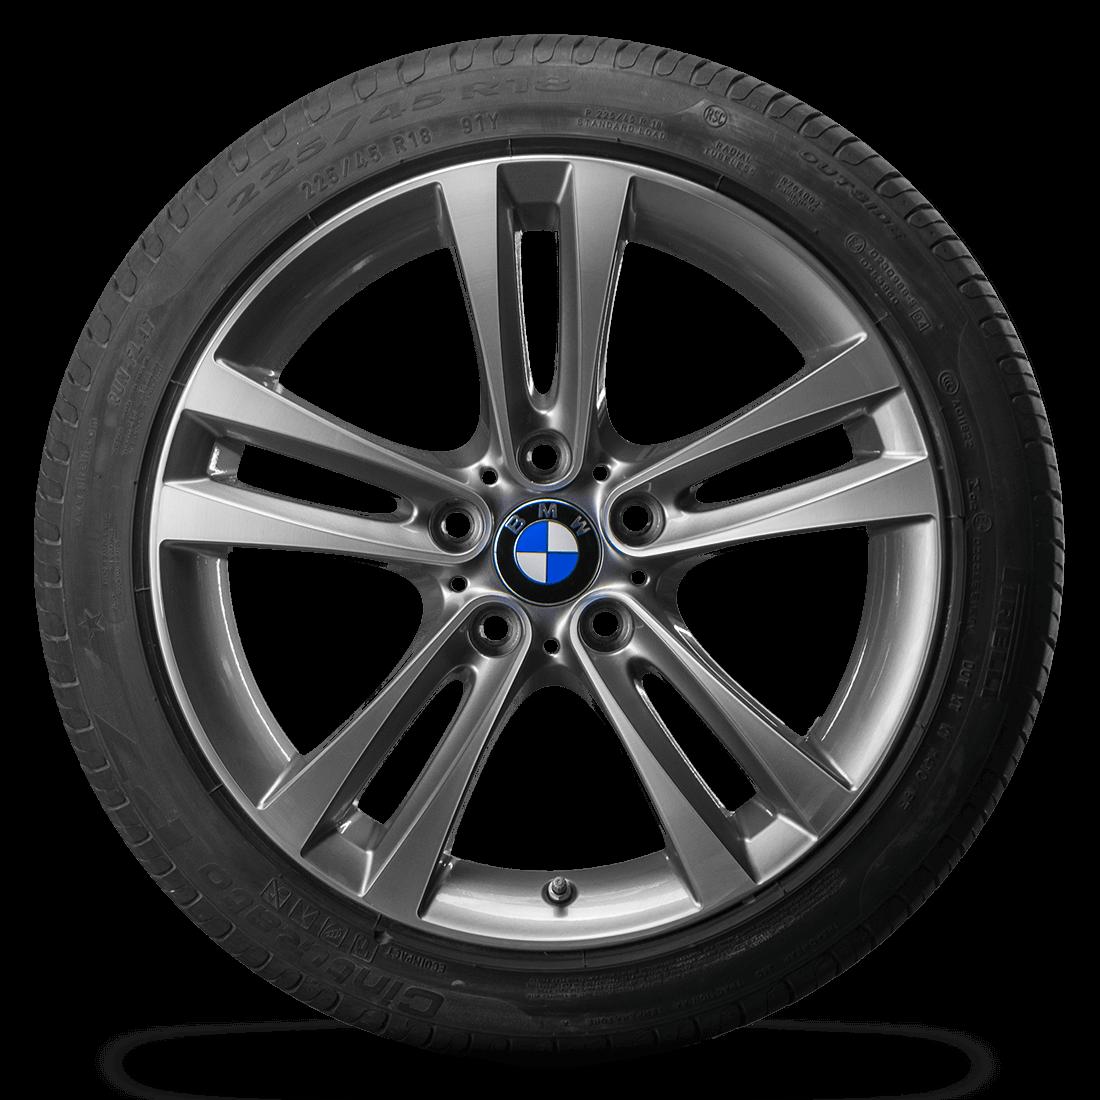 18 Zoll BMW 3er F30 F31 4er F32 F33 F36 Alufelgen RDK Sommerreifen Felgen 397